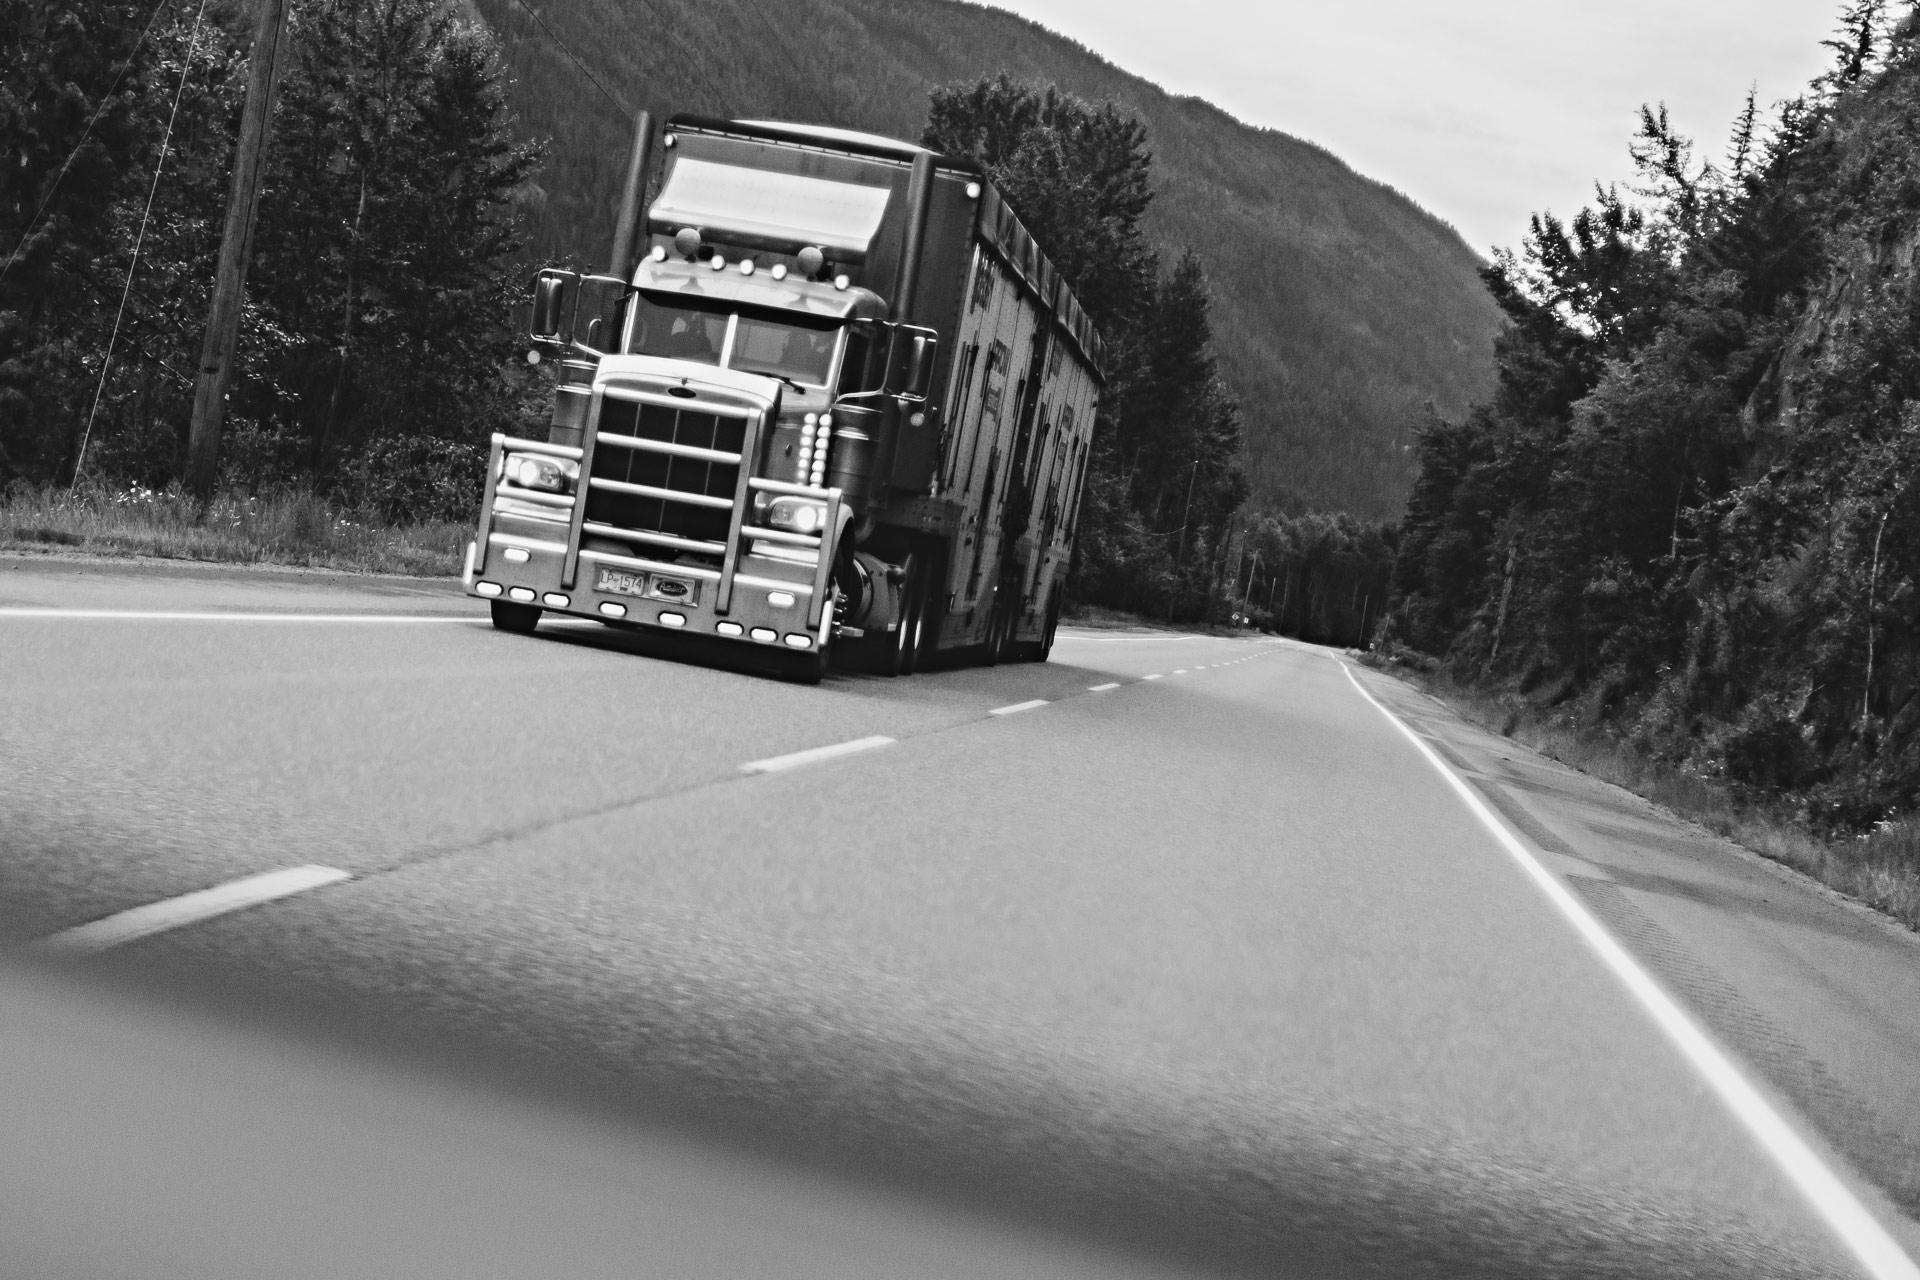 Camion Colombie-Britannique Canada